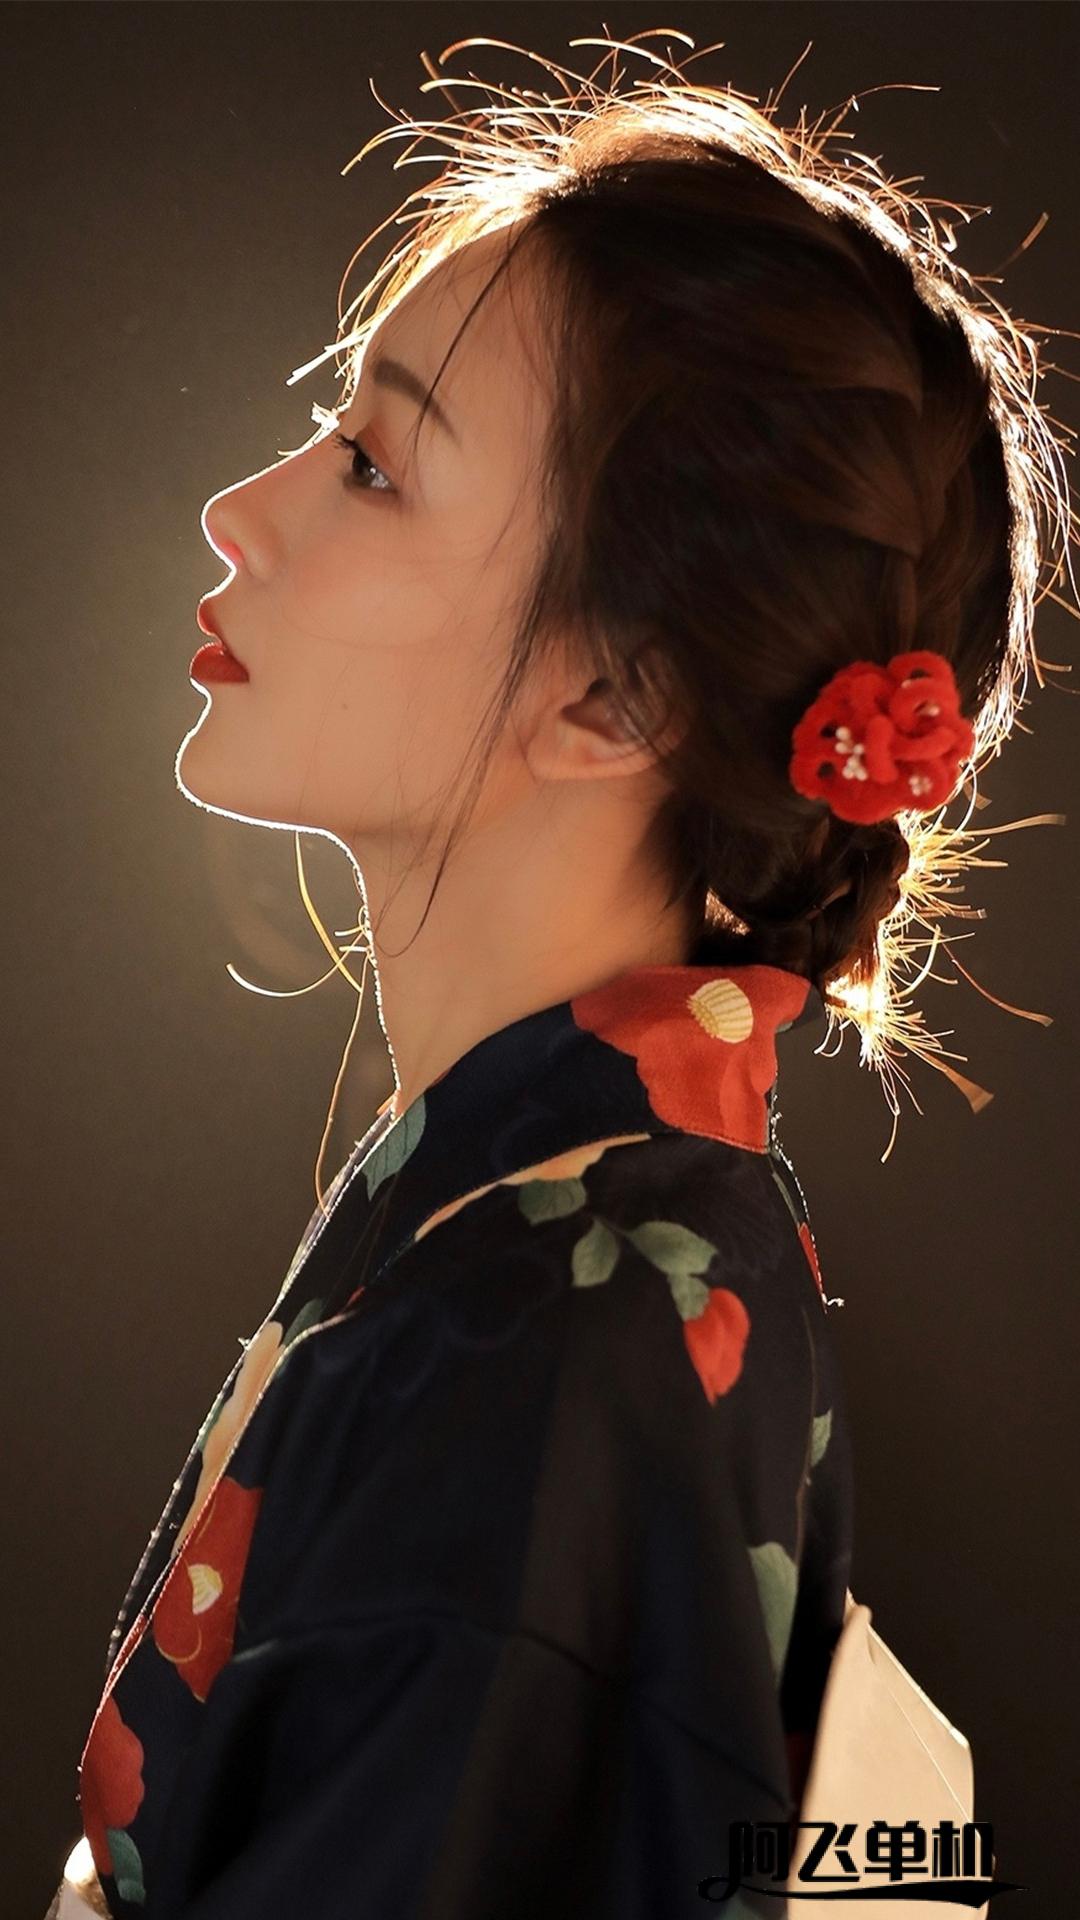 日系和服高清美女手机壁纸